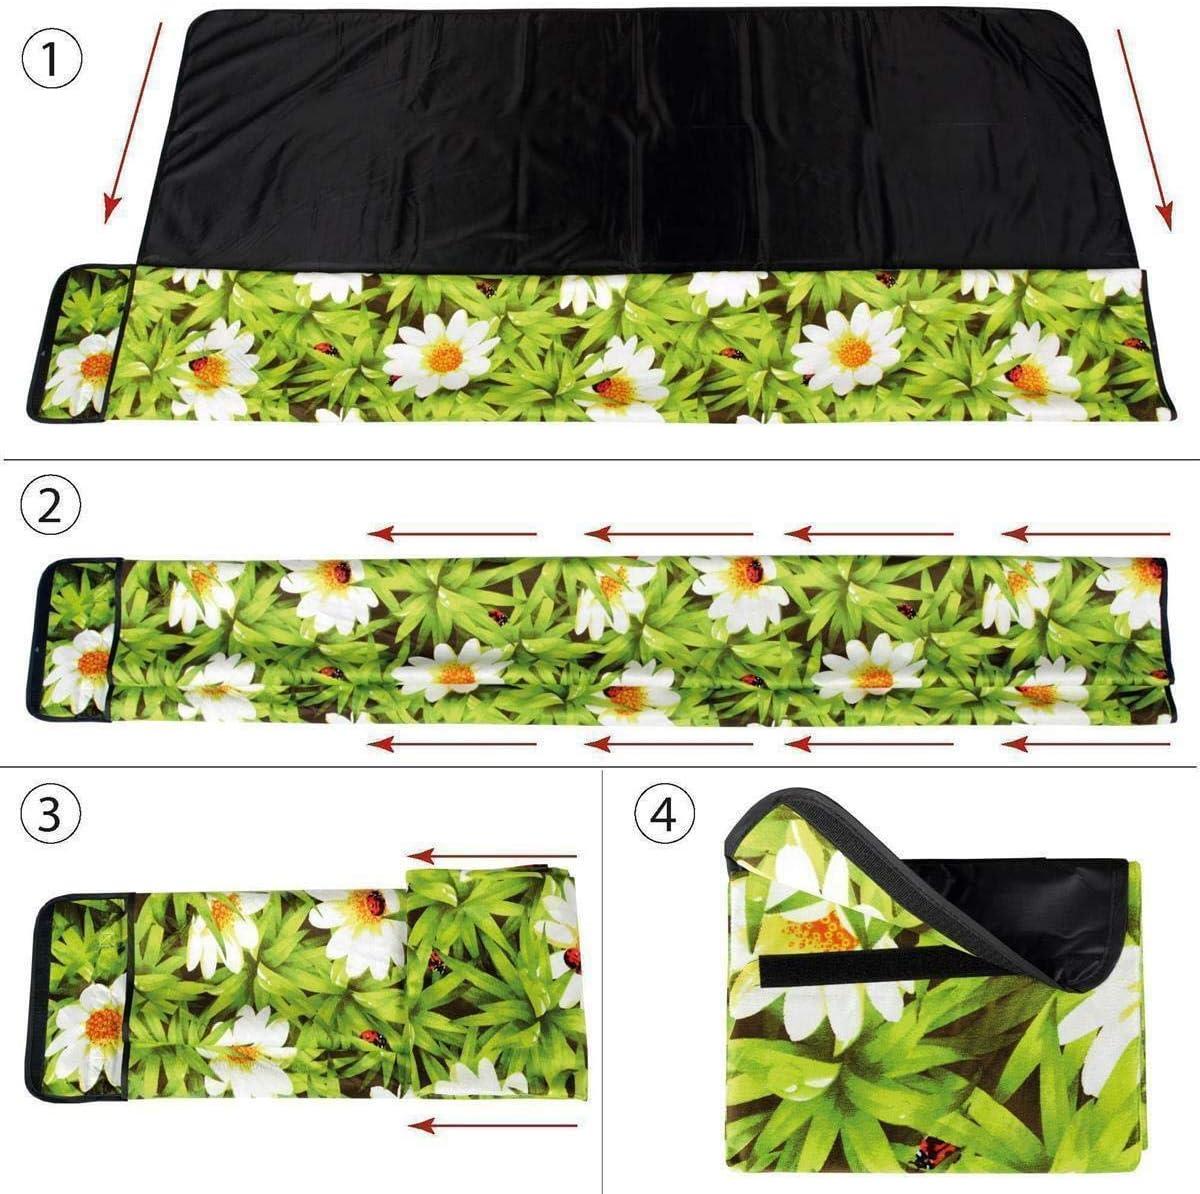 Auswahl: Gr/ö/ße 200x100 cm mit Fotodruck Stranddecke Kofferraumunterlage Campingdecke Picknickdecke wasserabw